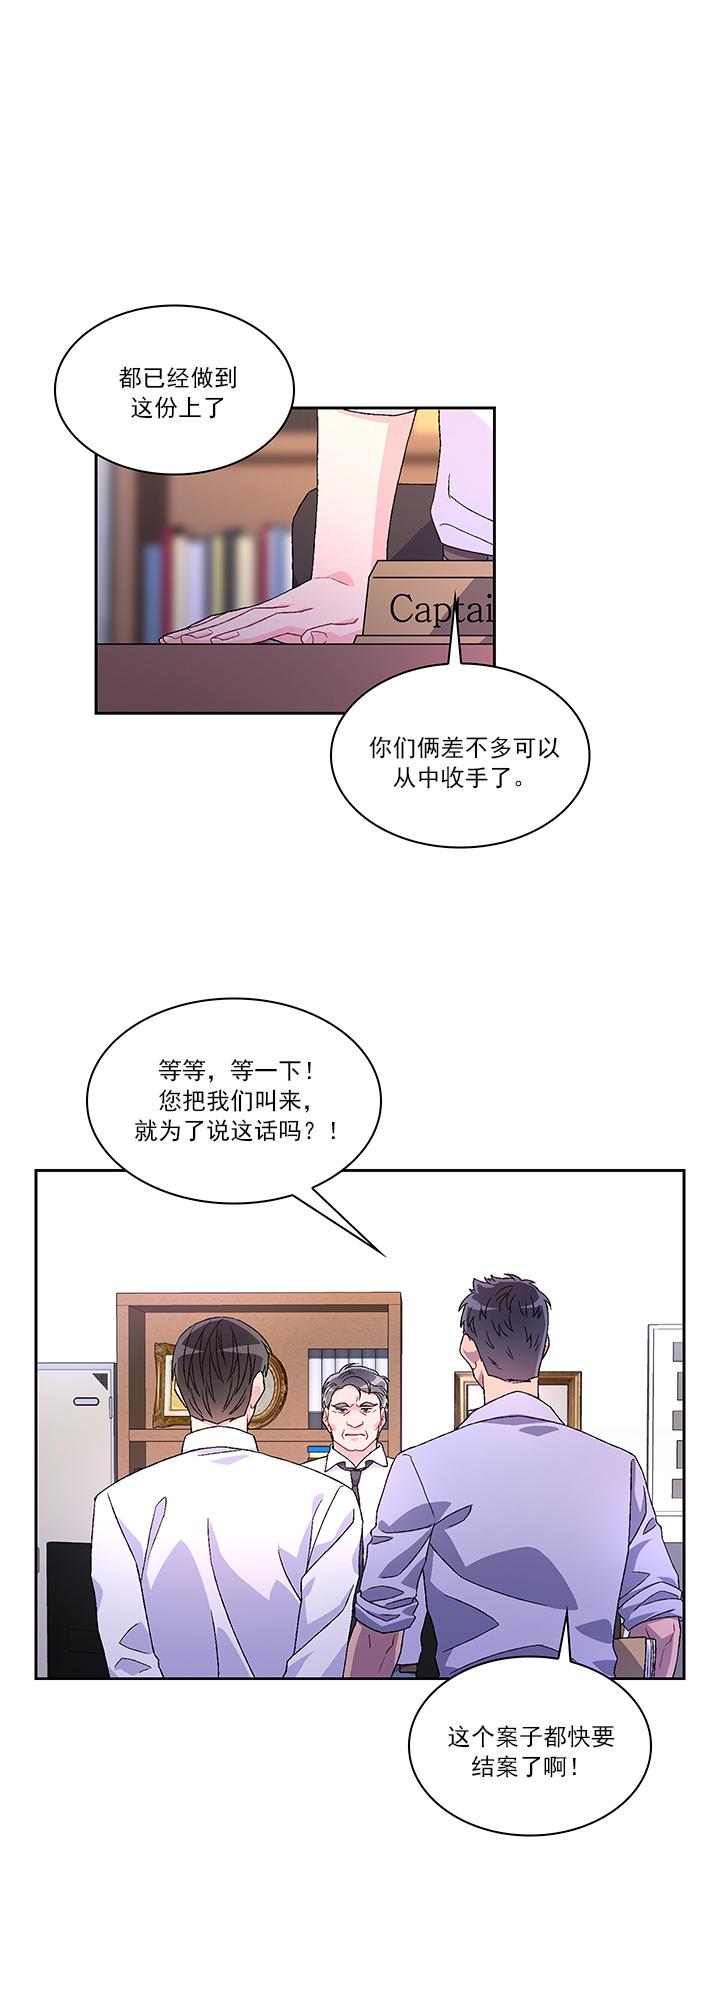 韩漫 | 《亚瑟》美人攻x刑警受  第2张